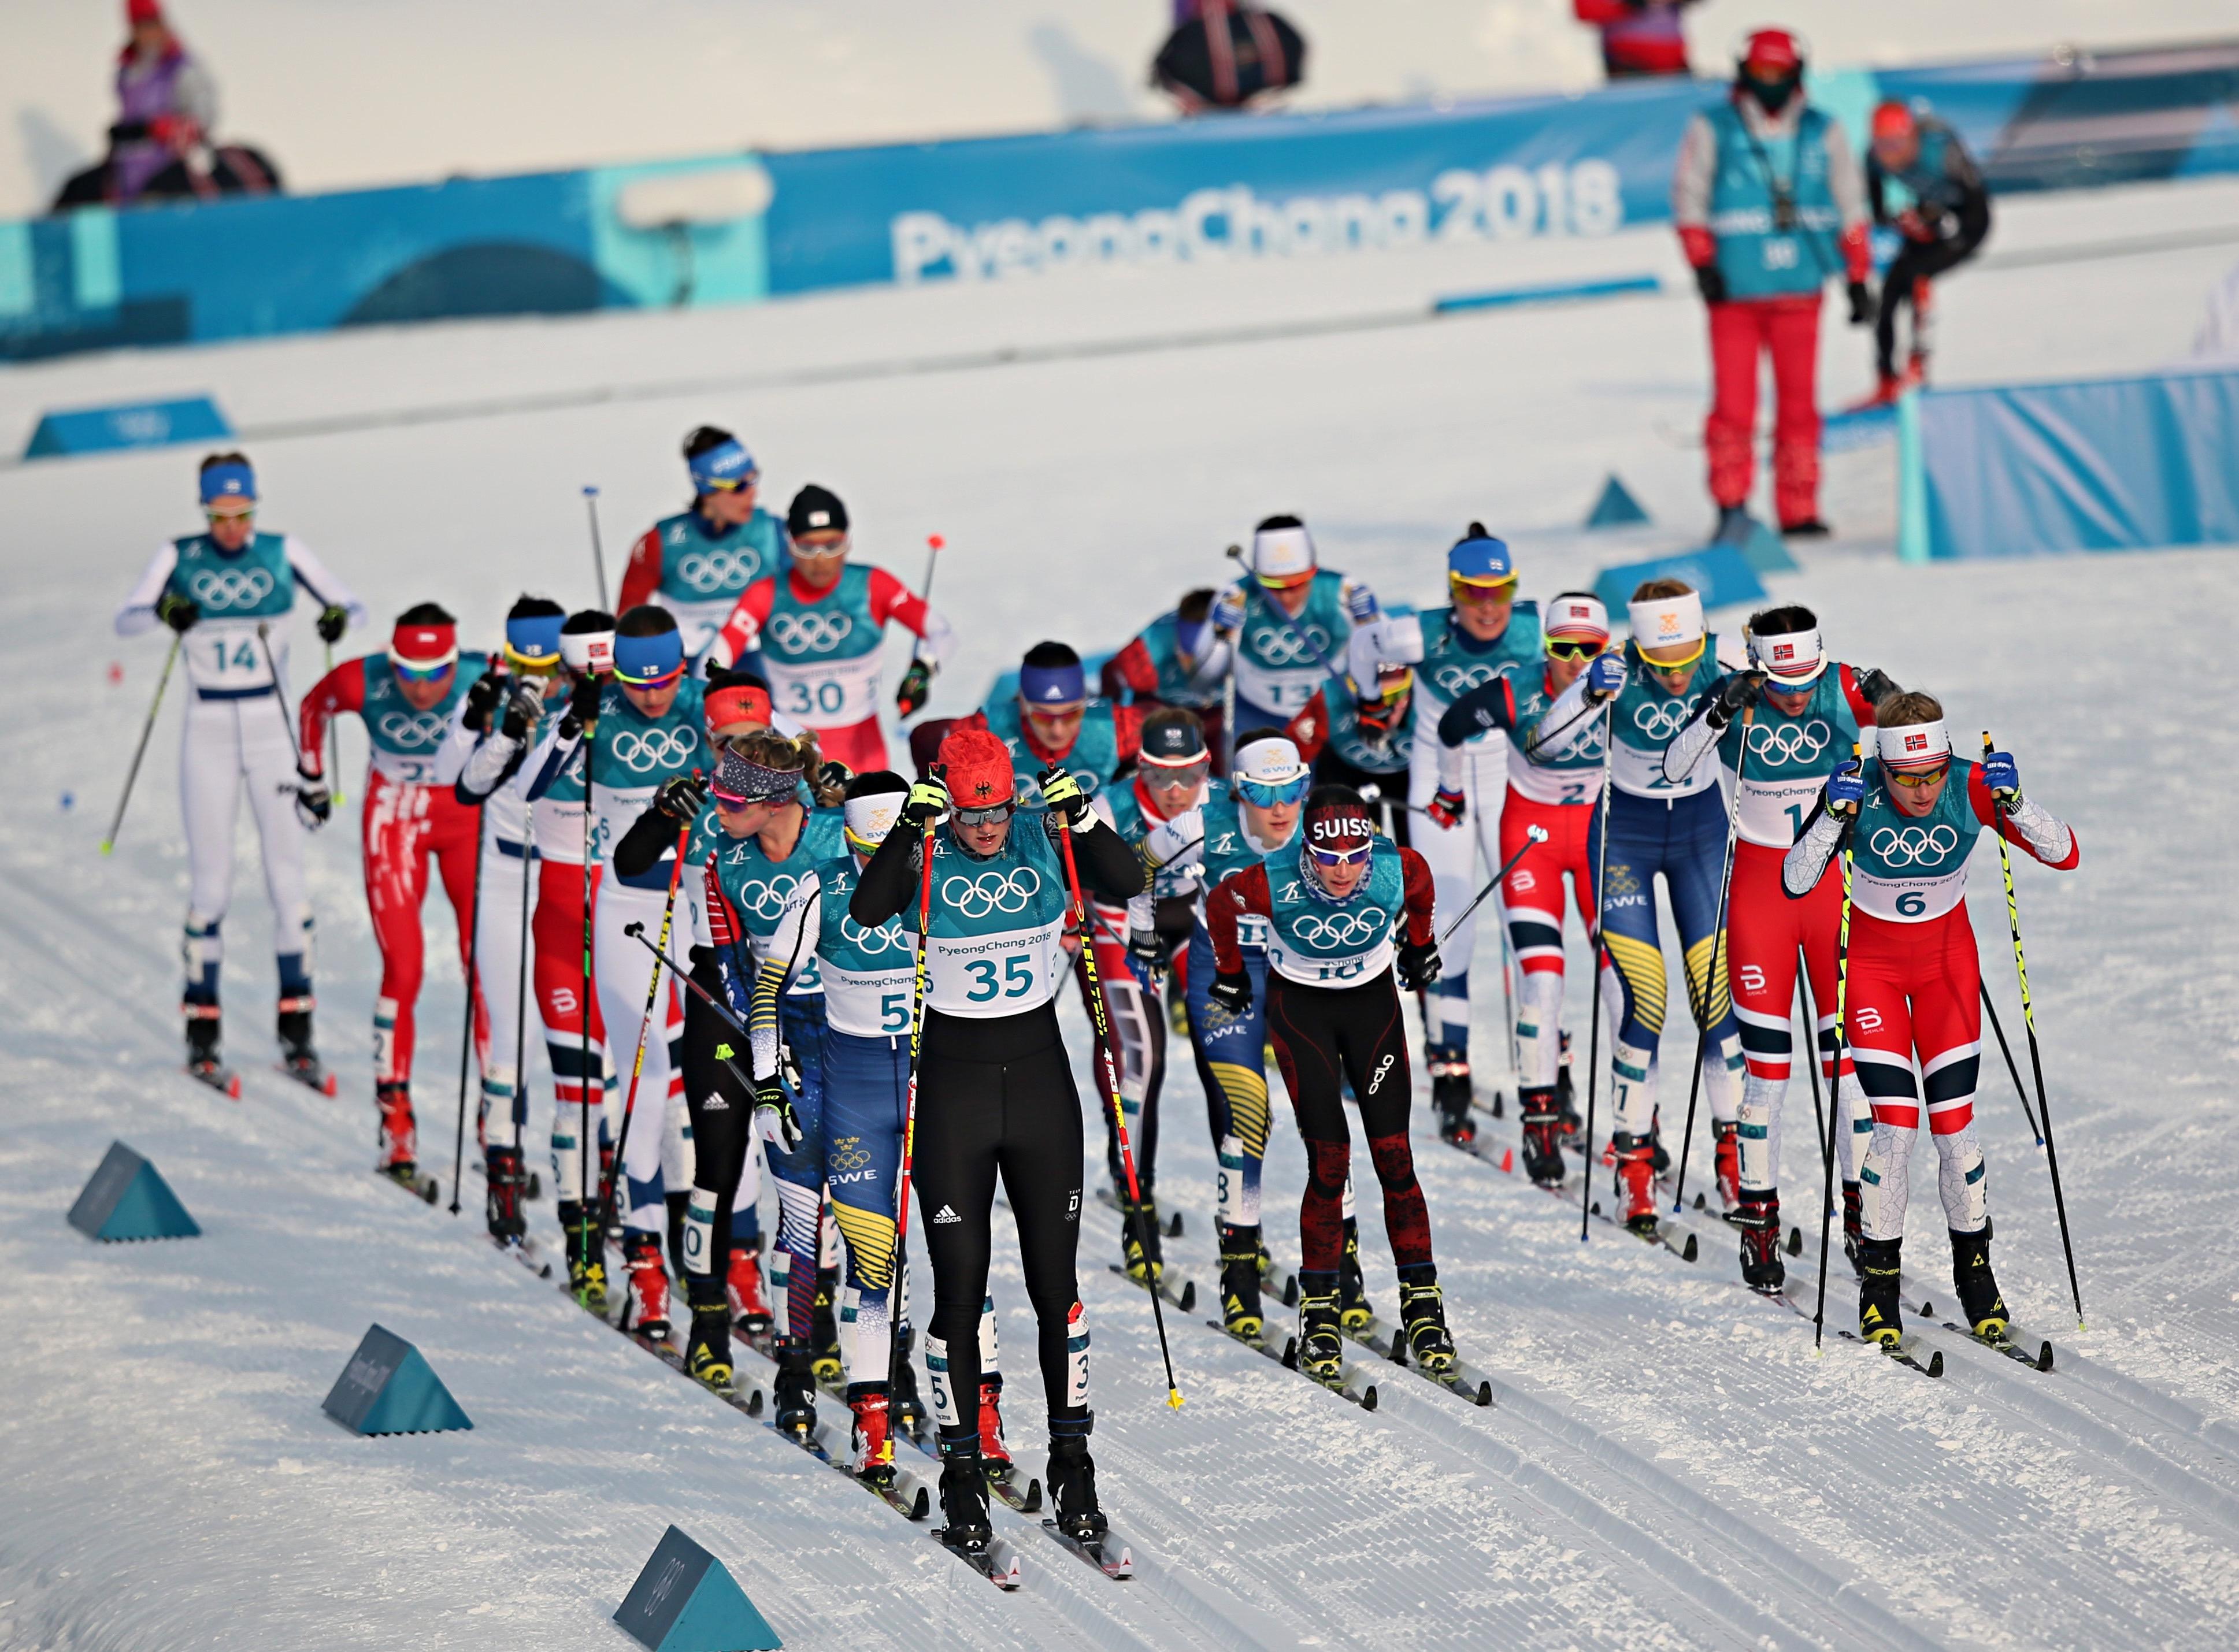 Skiathlon féminin, avec Nathalie von Siebenthal au centre.